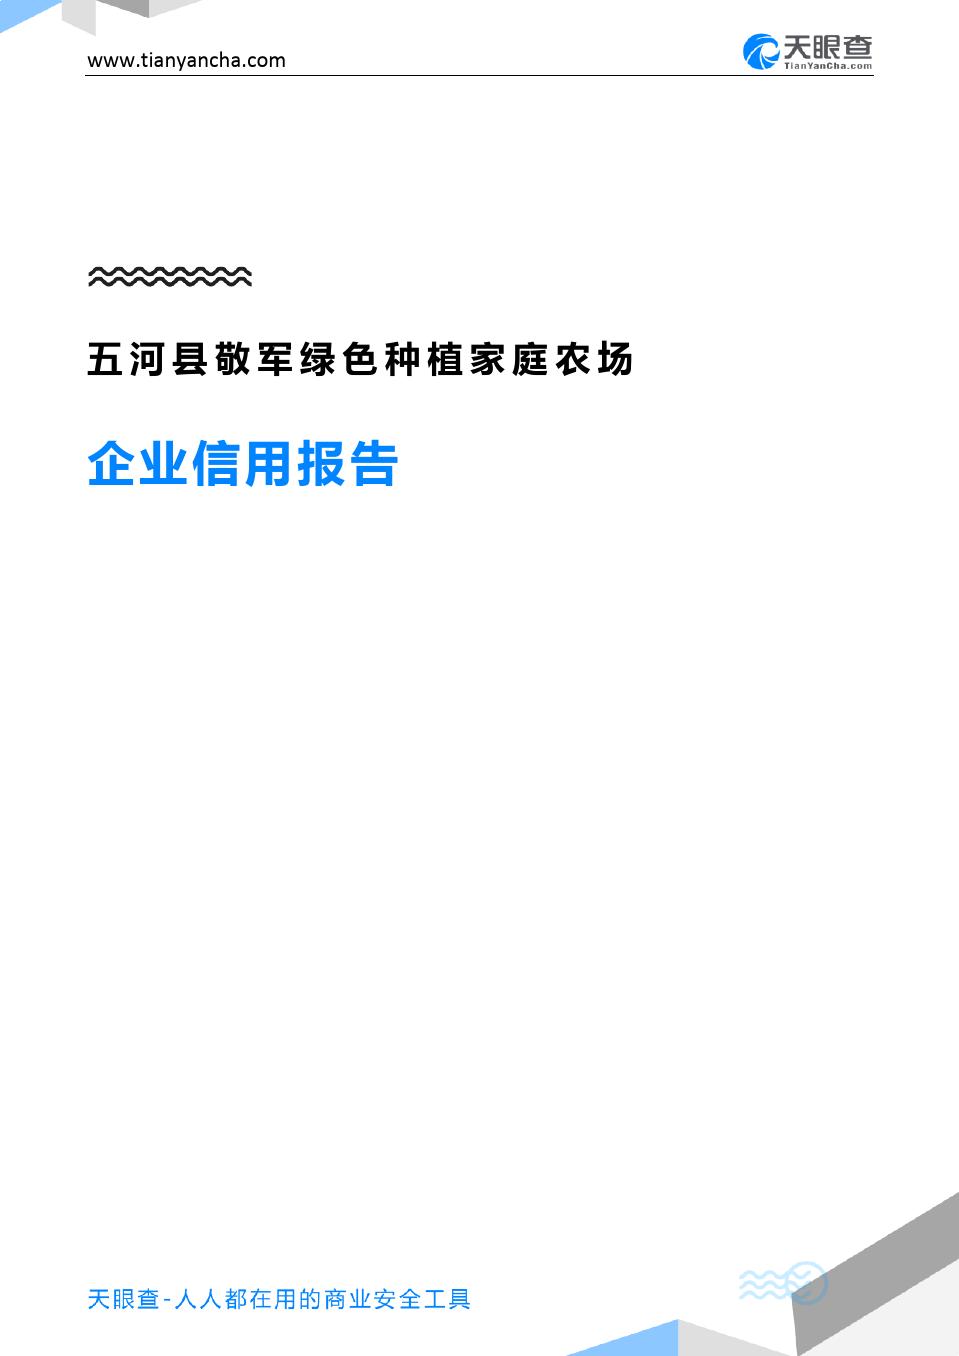 五河县敬军绿色种植家庭农场(企业信用报告)- 天眼查